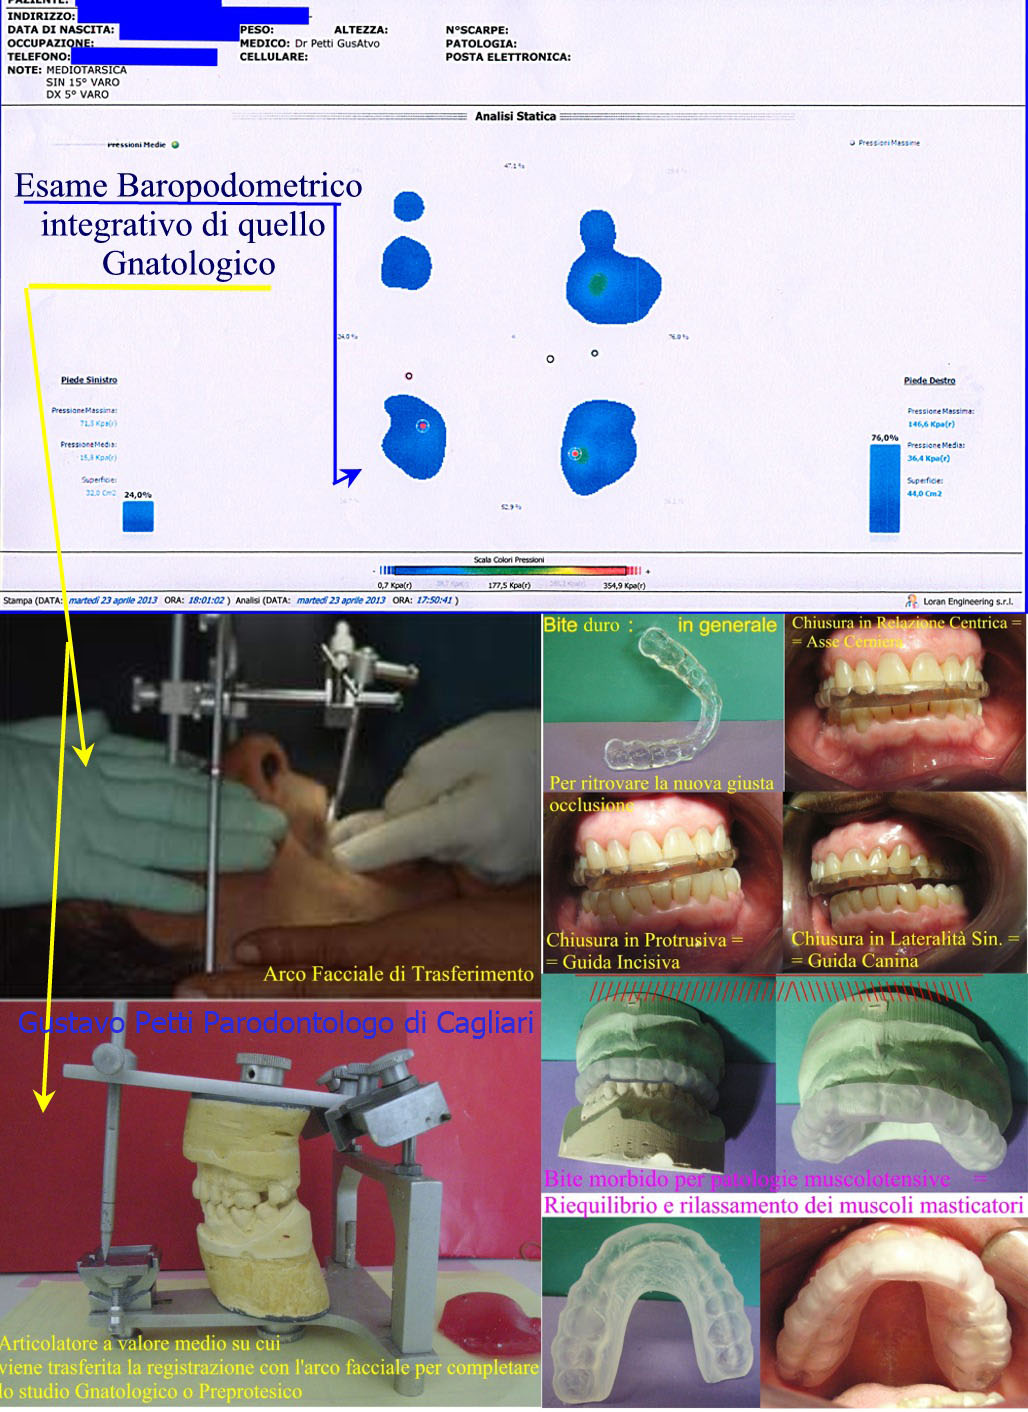 gnatologia-dr-g.petti-cagliari-27.jpg